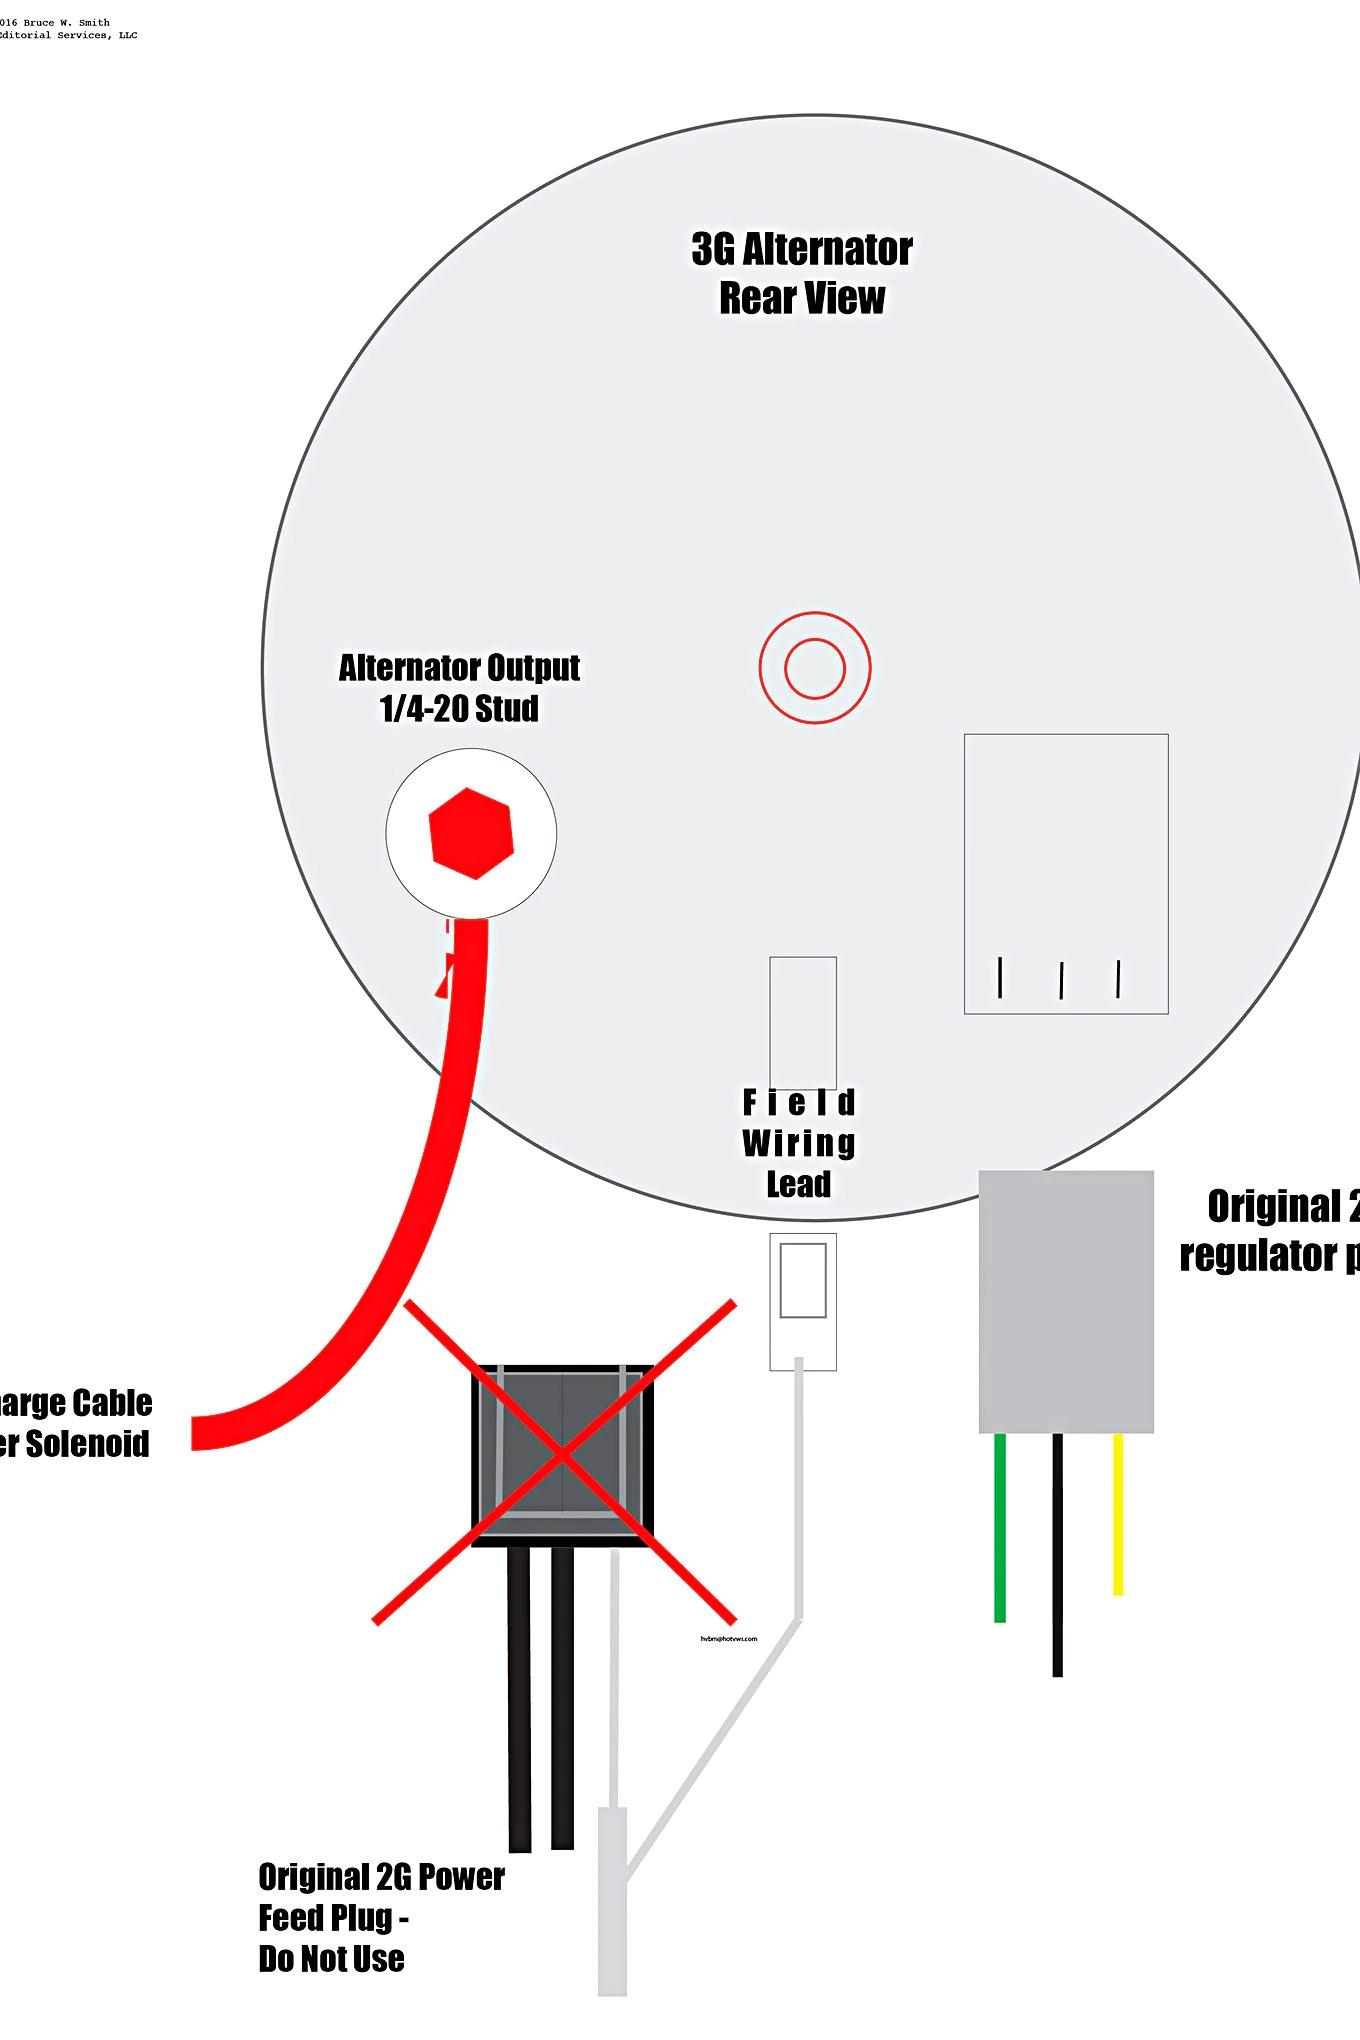 medium resolution of ford 3g alternator wiring wiring diagram meta ford 3g alternator wiring harness ford 3g alternator wiring